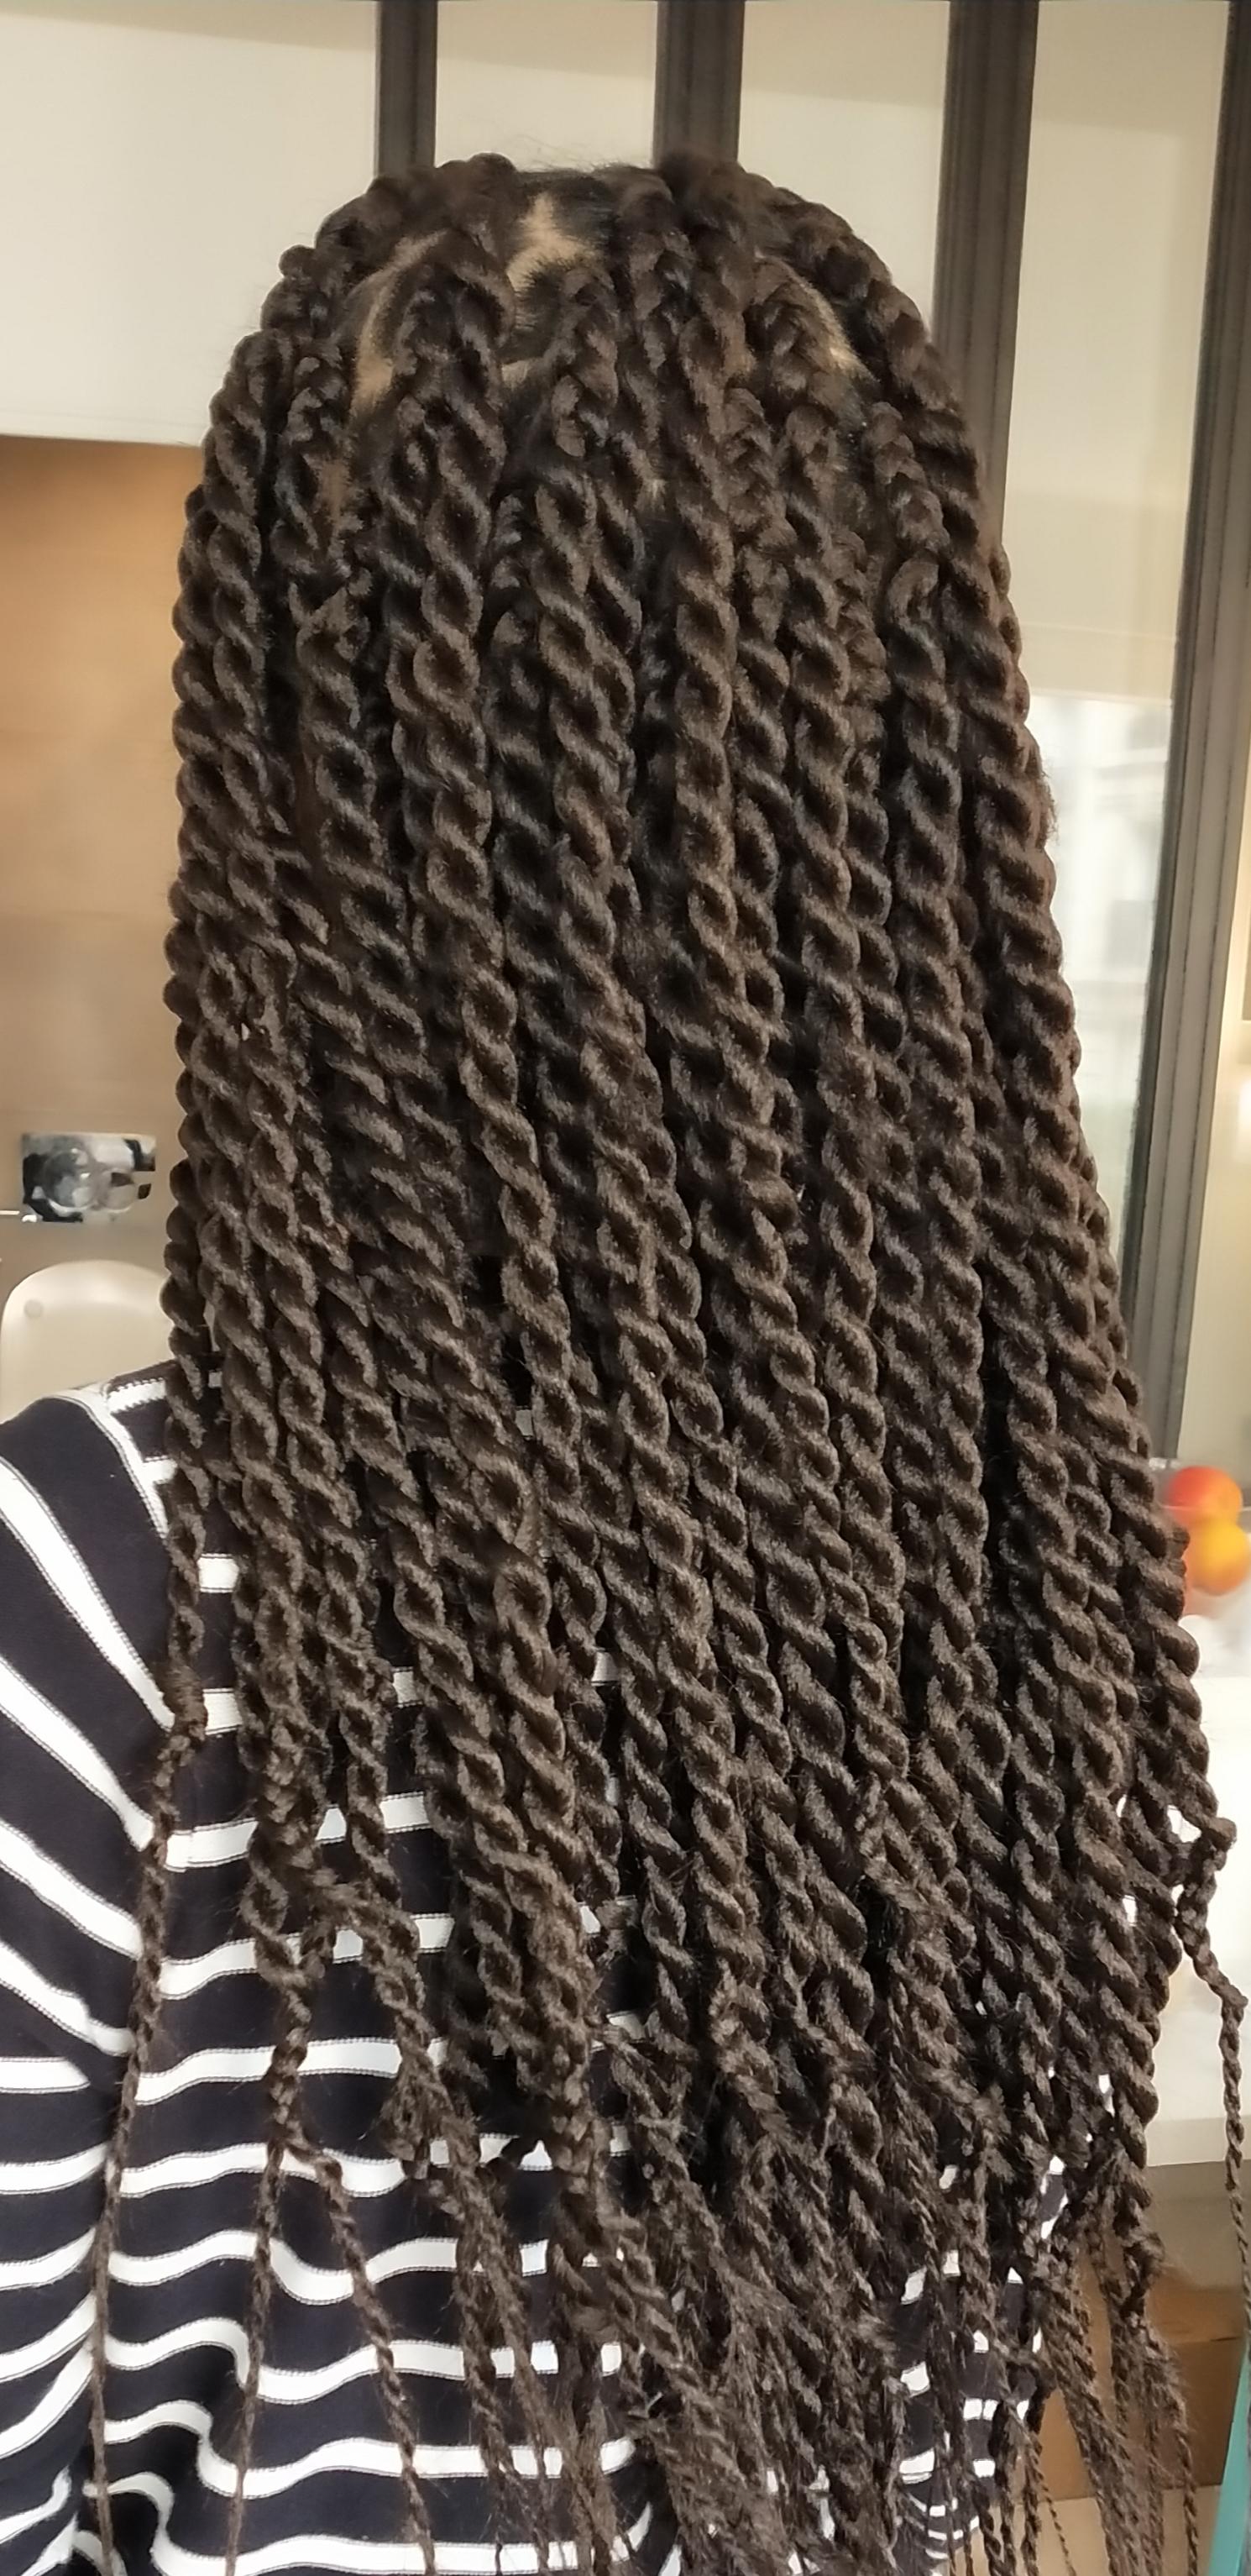 salon de coiffure afro tresse tresses box braids crochet braids vanilles tissages paris 75 77 78 91 92 93 94 95 EQTJDRLP